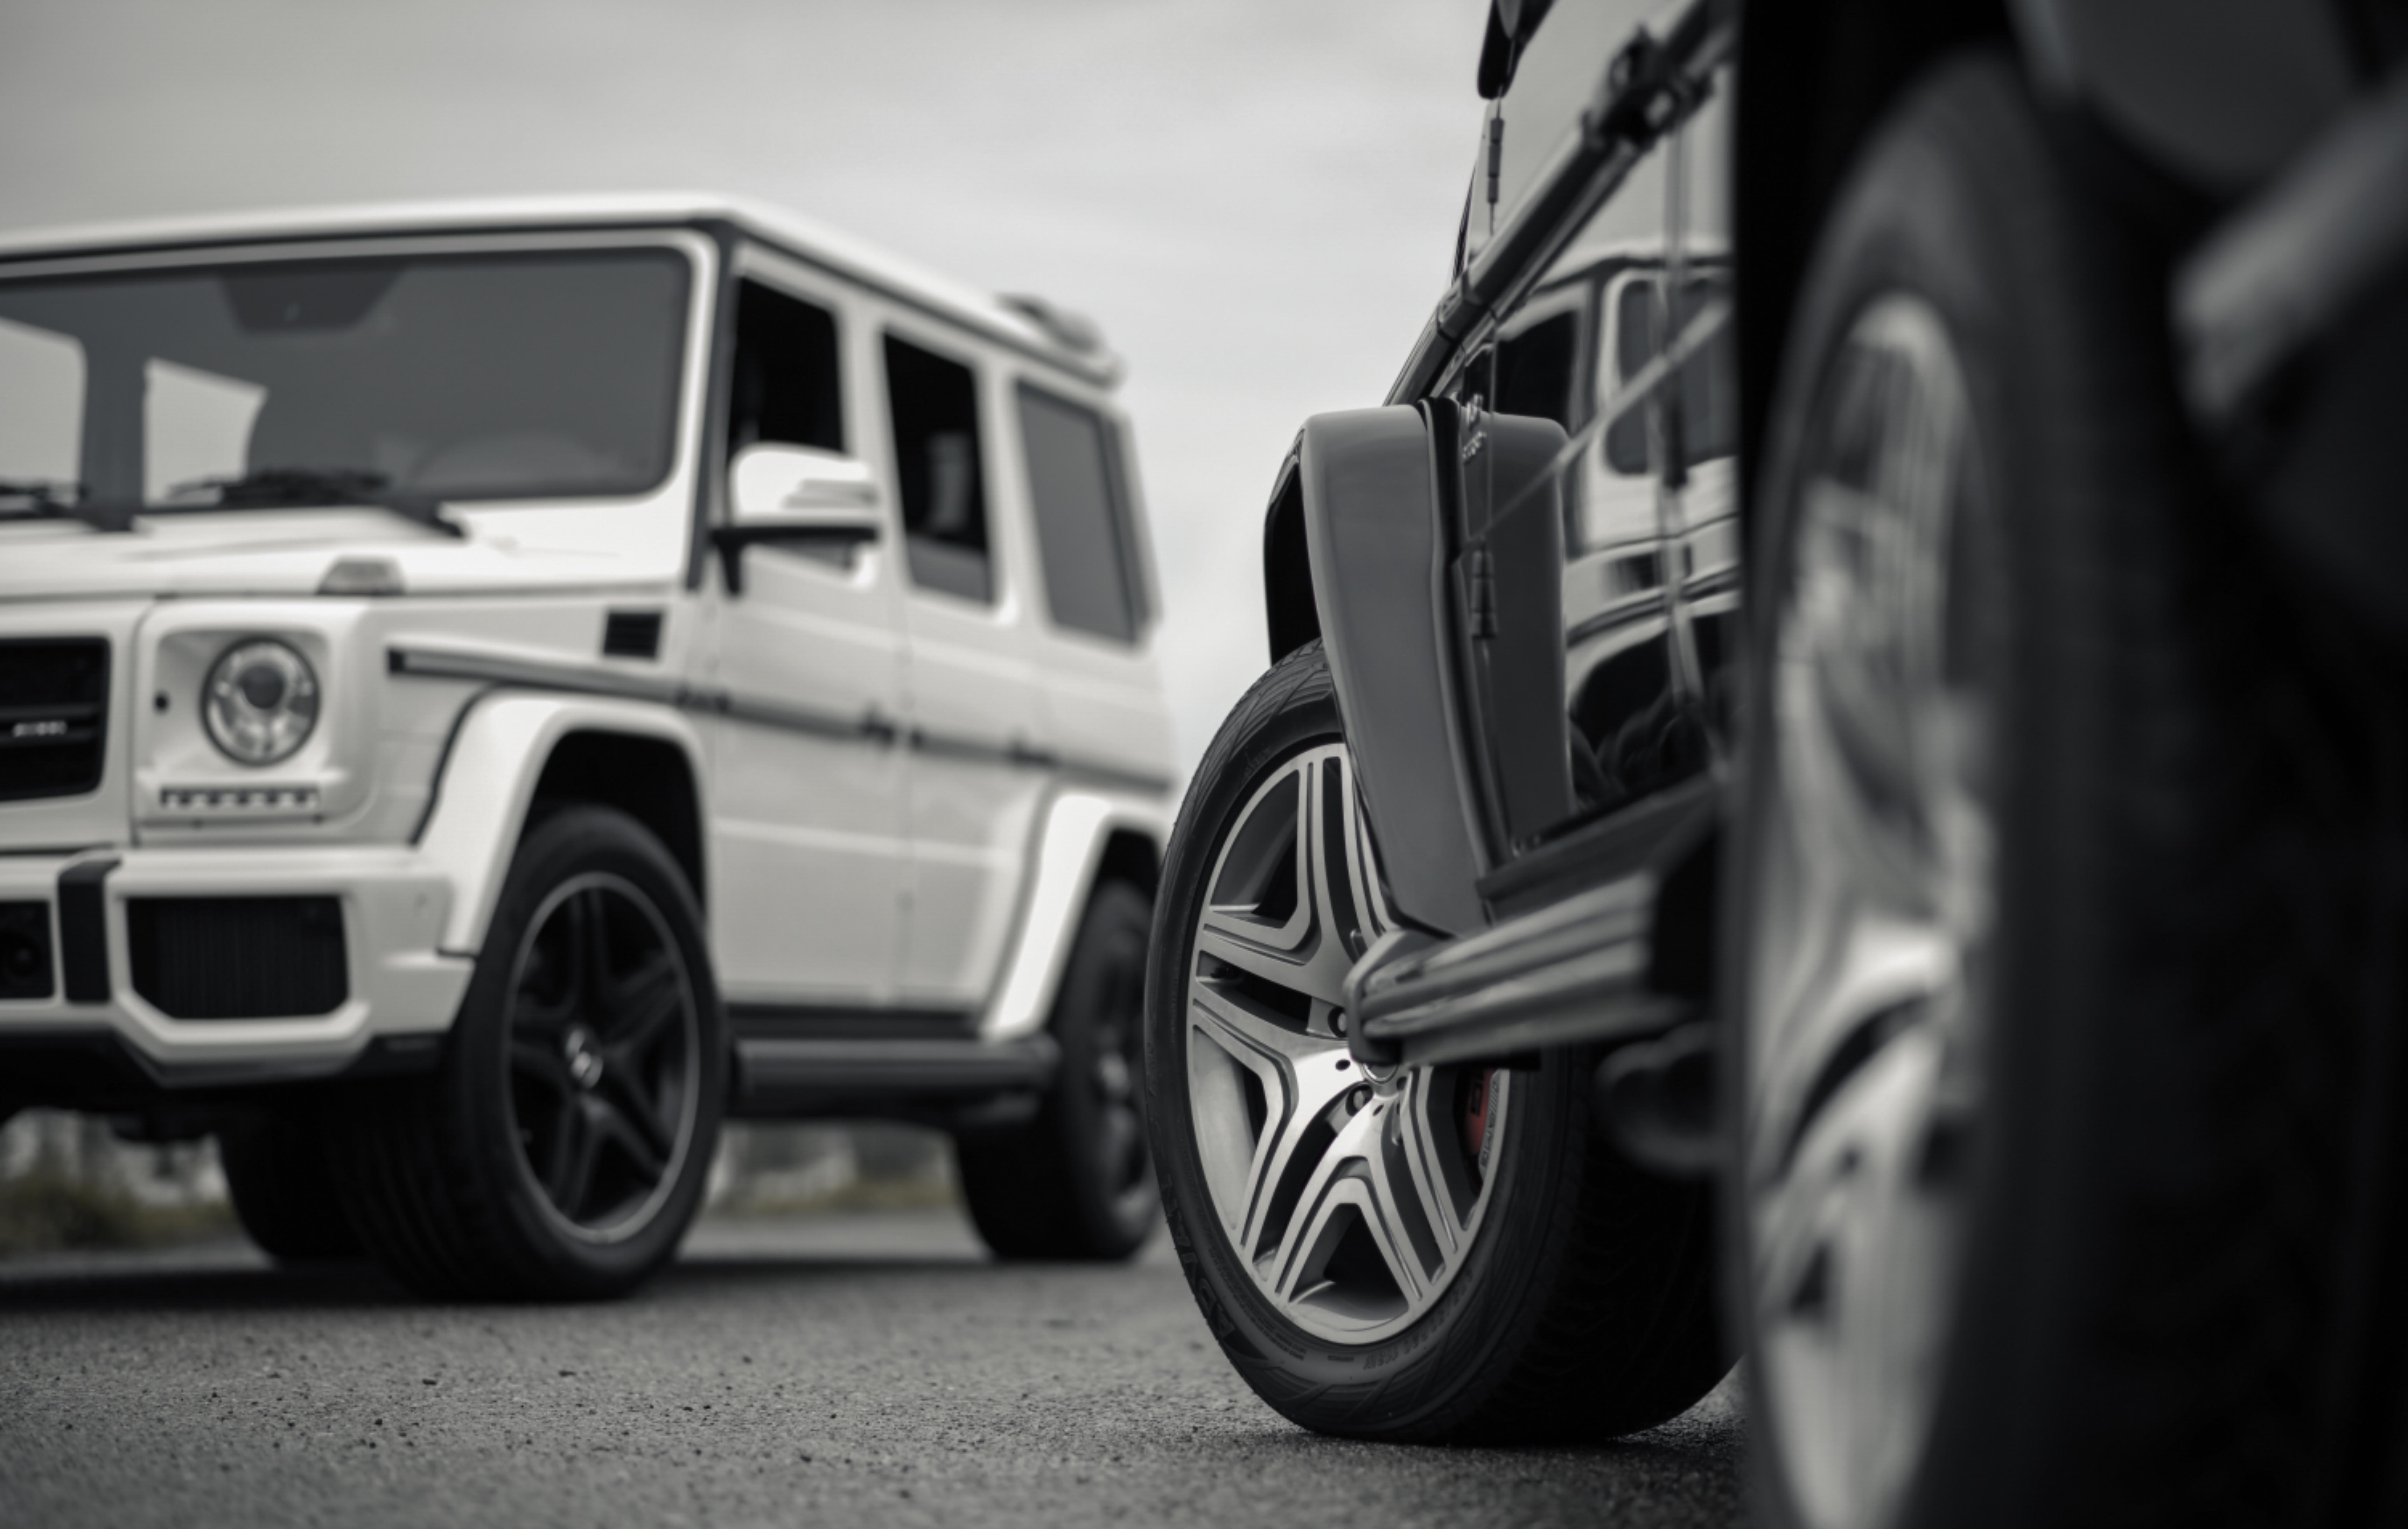 62885 Hintergrundbild herunterladen Mercedes, Cars, Rad, Mercedes Benz, Mercedes-Benz, Reifen, Mercedes-Benz G63, Mercedes Benz G63 - Bildschirmschoner und Bilder kostenlos